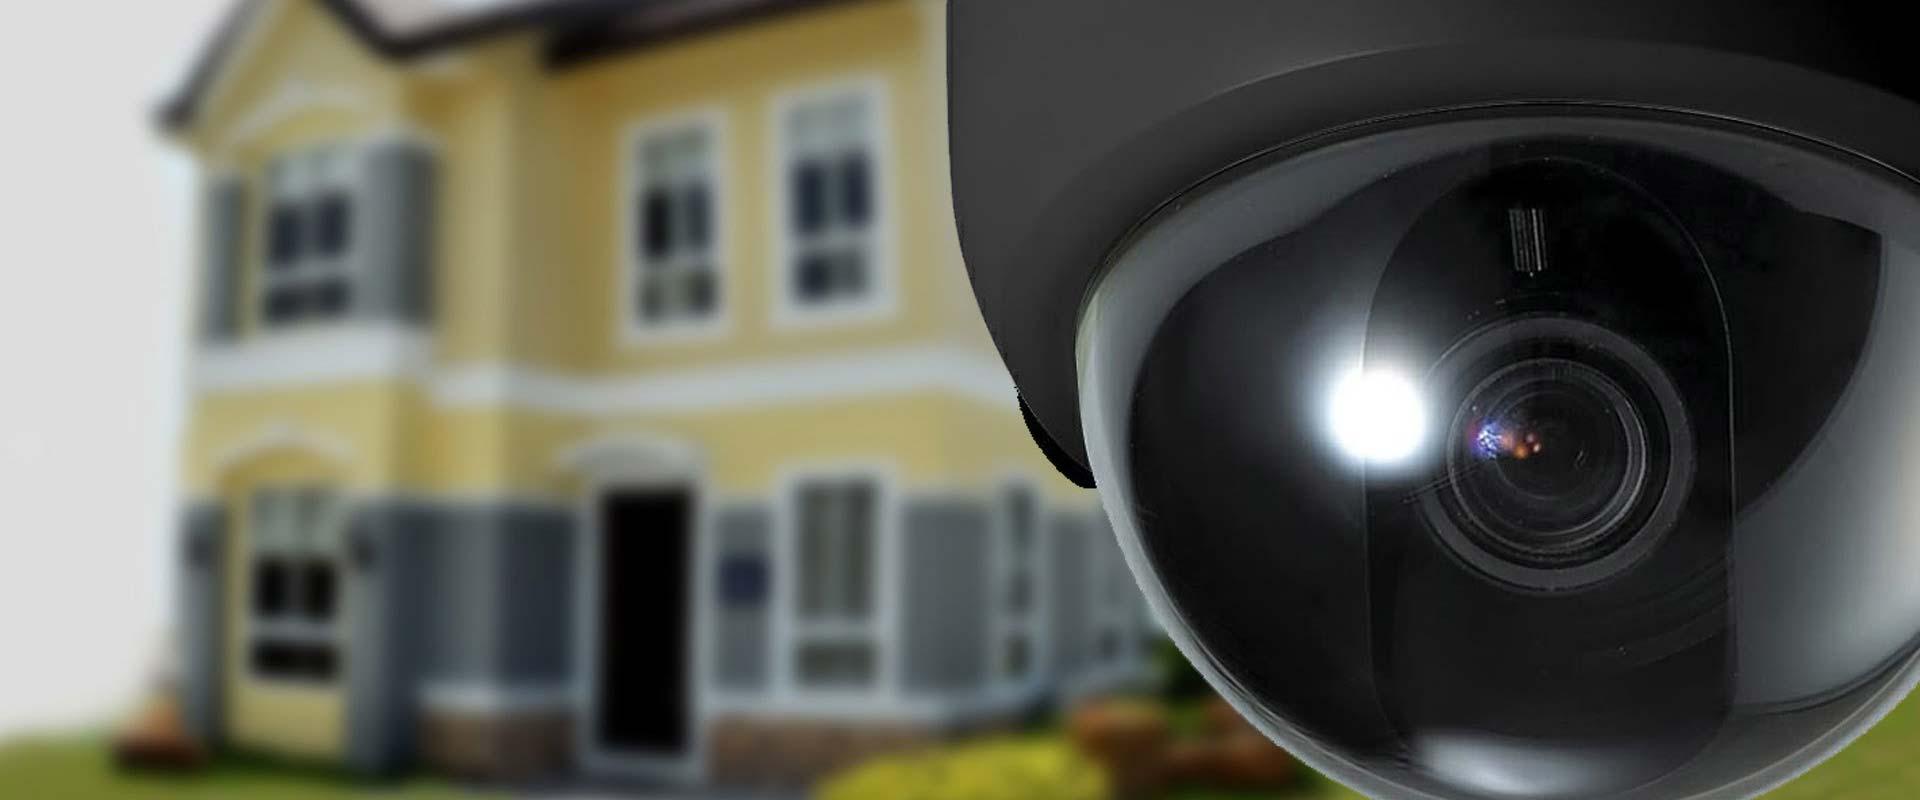 Impianti di Videosorveglianza Telecamere di Sicurezza